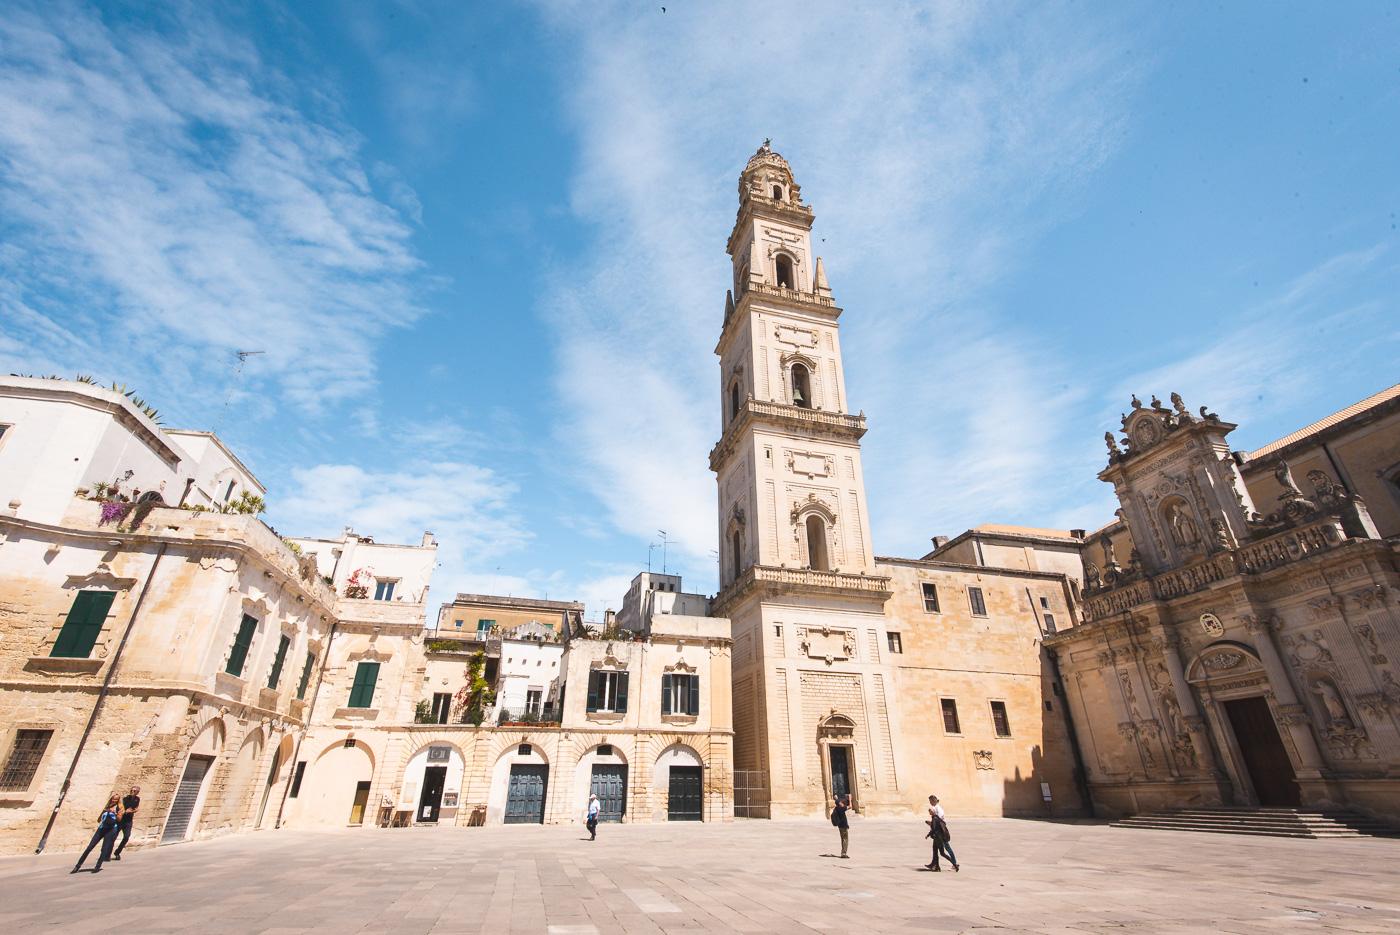 Rondreis Puglia Lecce piazza del duomo